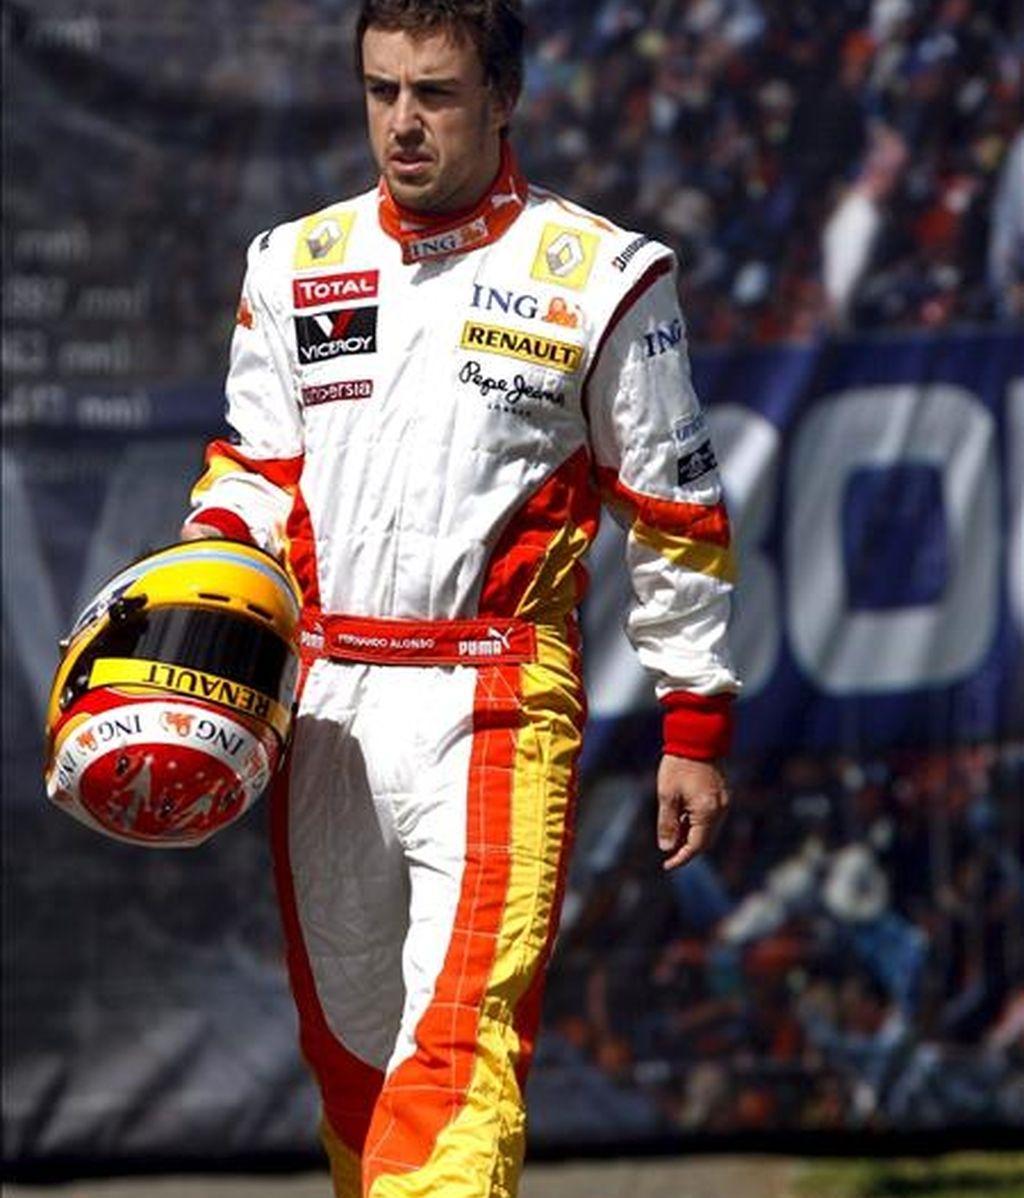 El piloto español de Fórmula Uno Fernando Alonso, de la escudería Renault, pasea por el padock del circuito de Albert Park en Melbourne, Australia. EFE